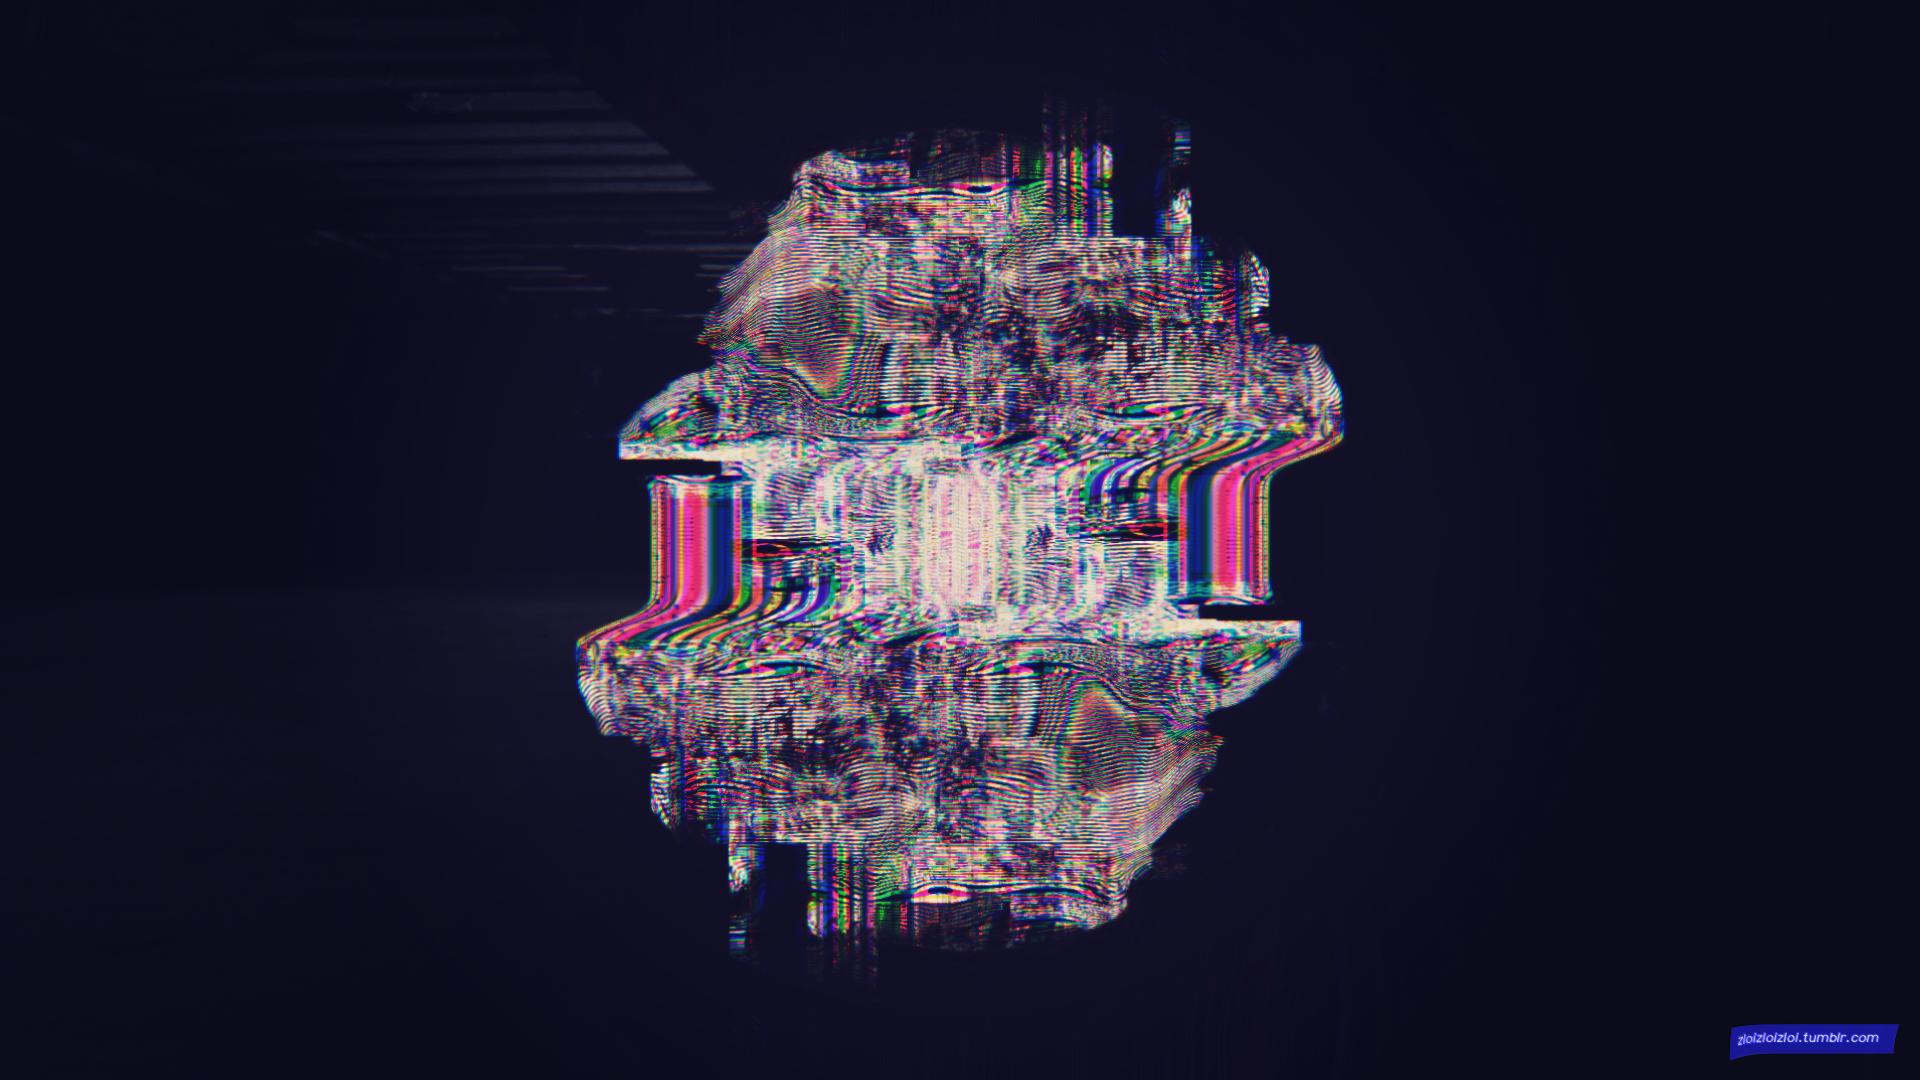 Sfondi : illustrazione buio notte astratto glitch art simmetria